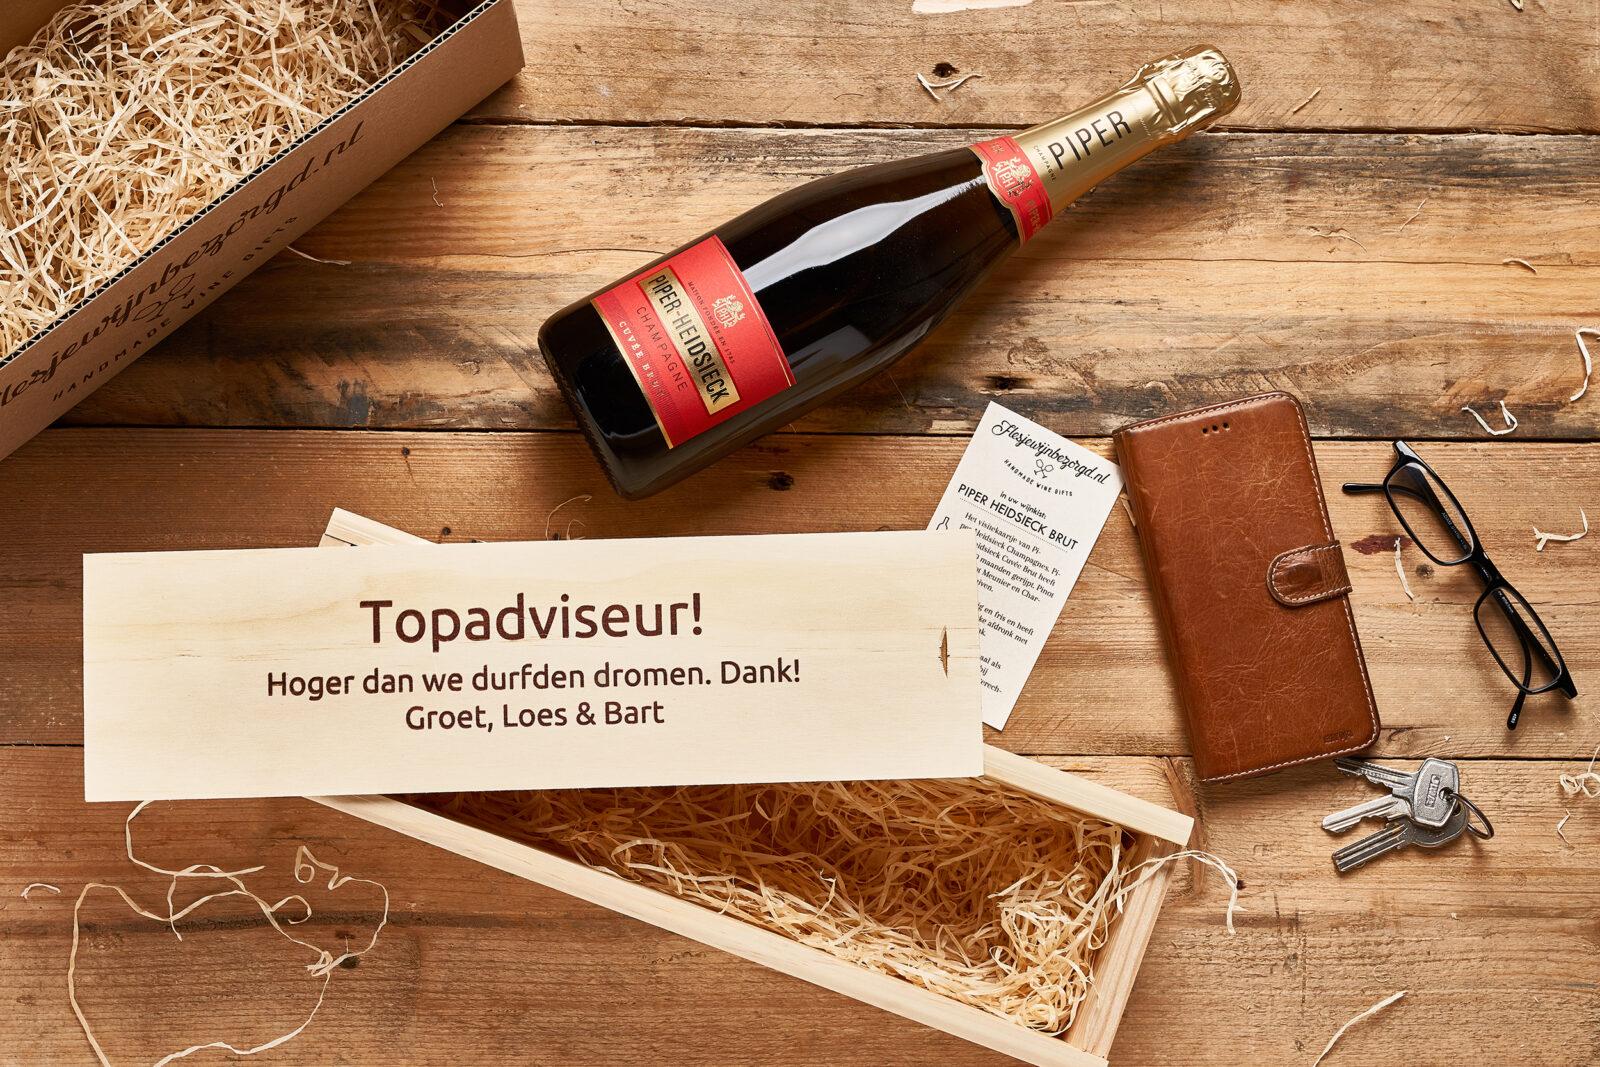 Wijn in wijnkist cadeau Piper Heidsieck